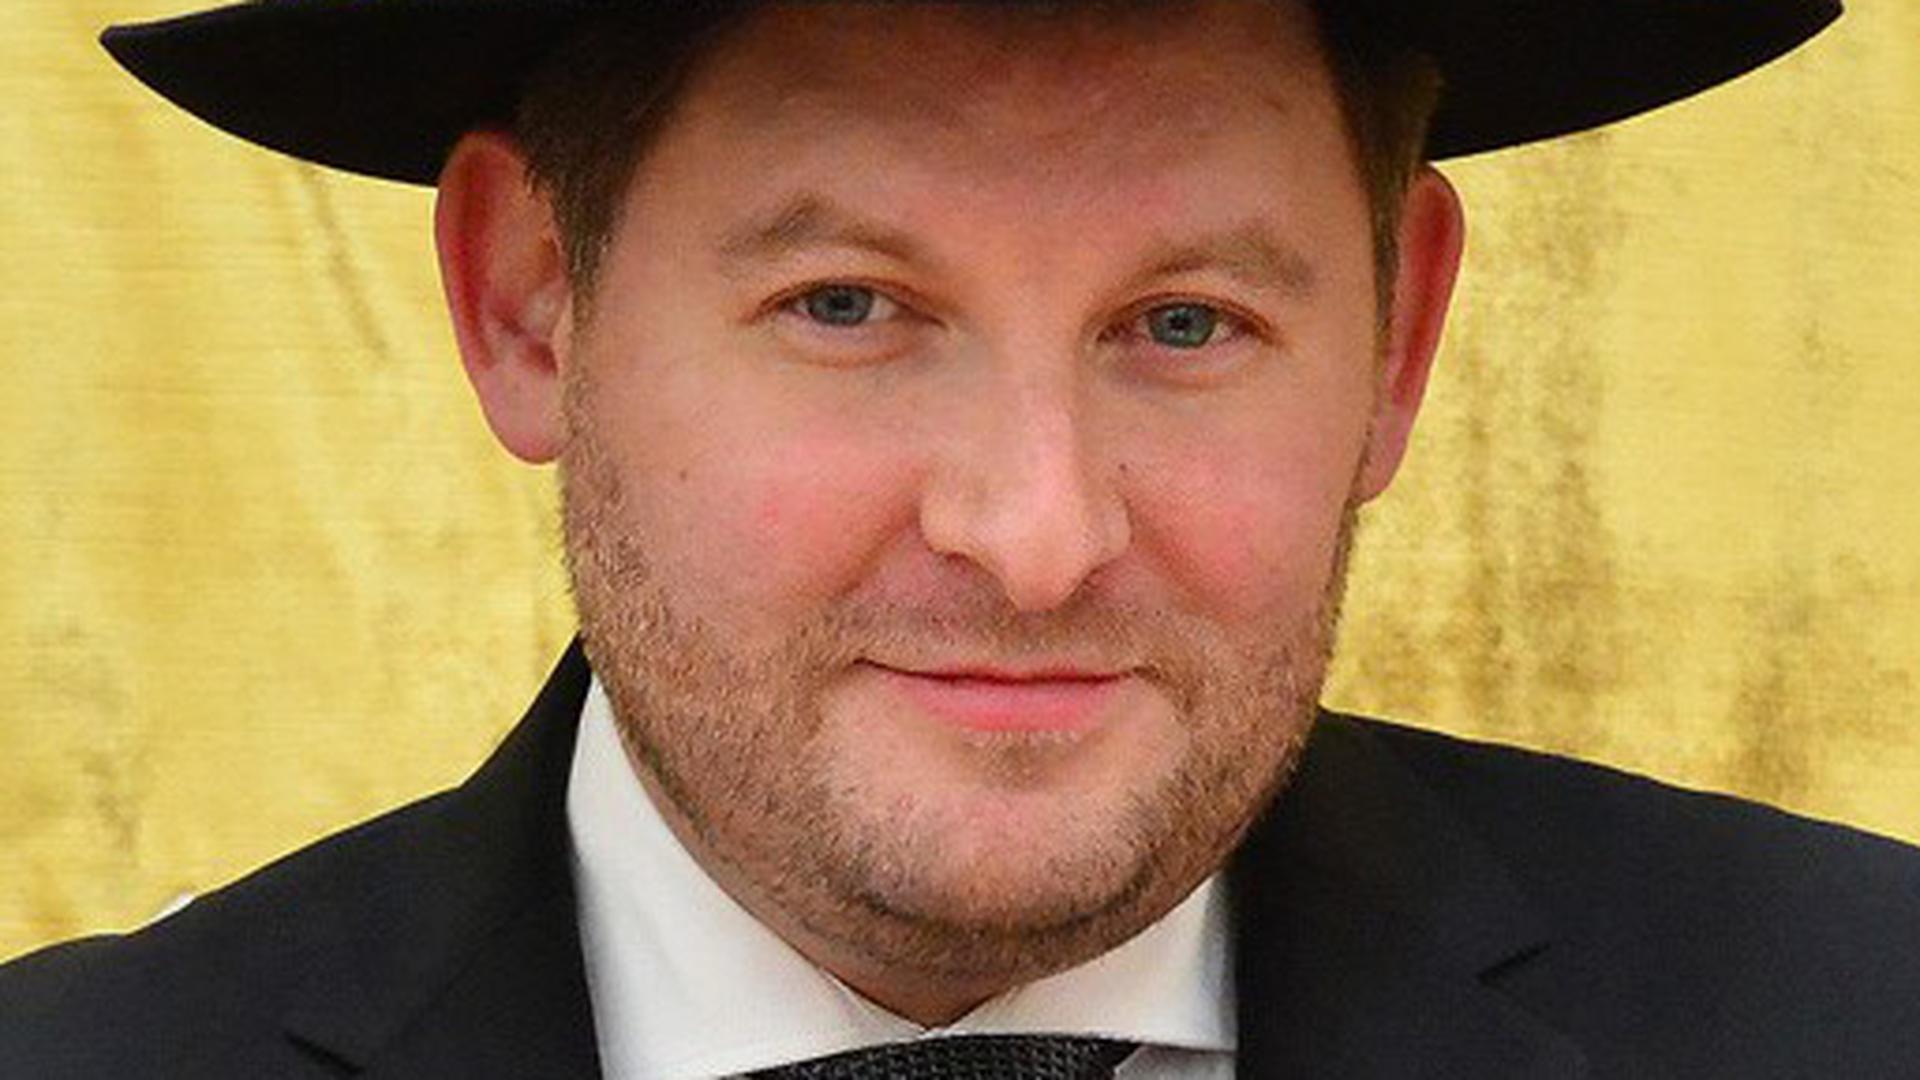 Moshe Flomenmann ist Landesrabbiner von Baden und Polizeirabbiner.